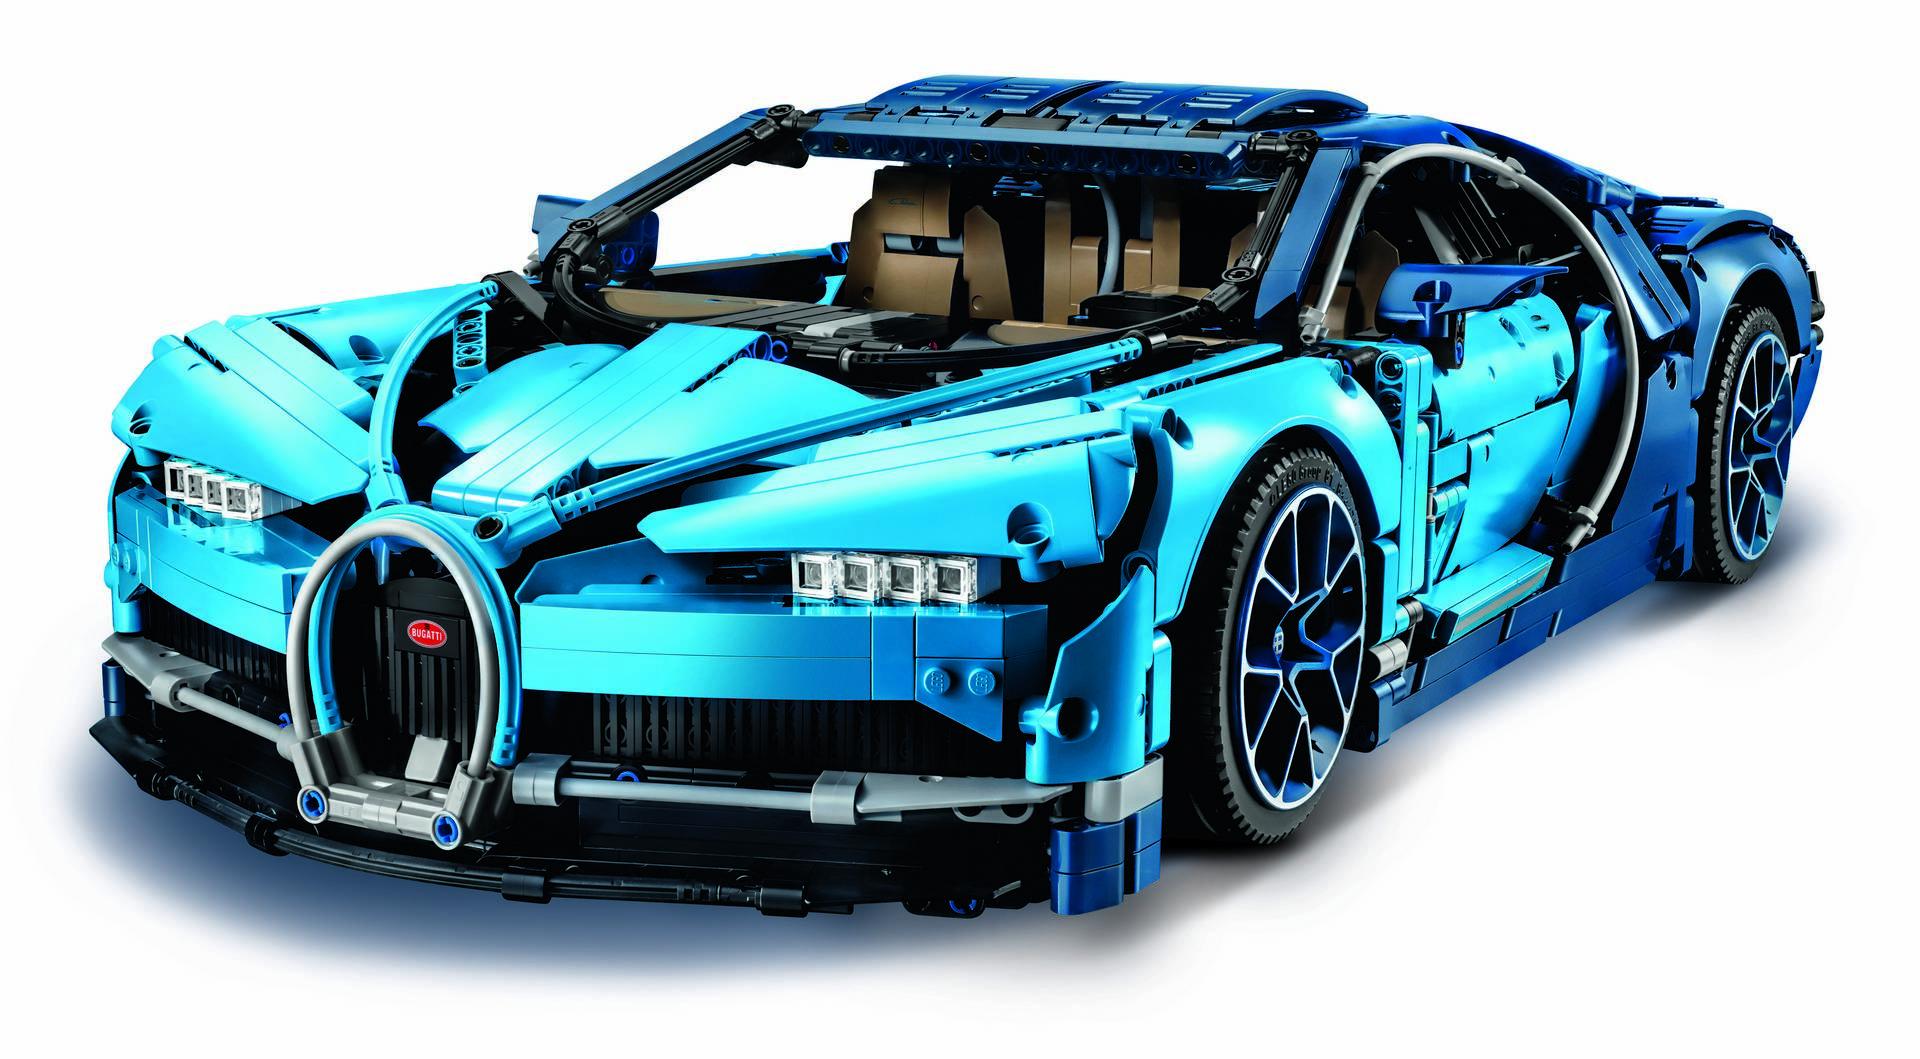 1:8 Lego Technic Bugatti Chiron доступен непосредственно в Lego с 1 июня, розничные сети начнут продавать Chiron с 1 августа 2018 года.